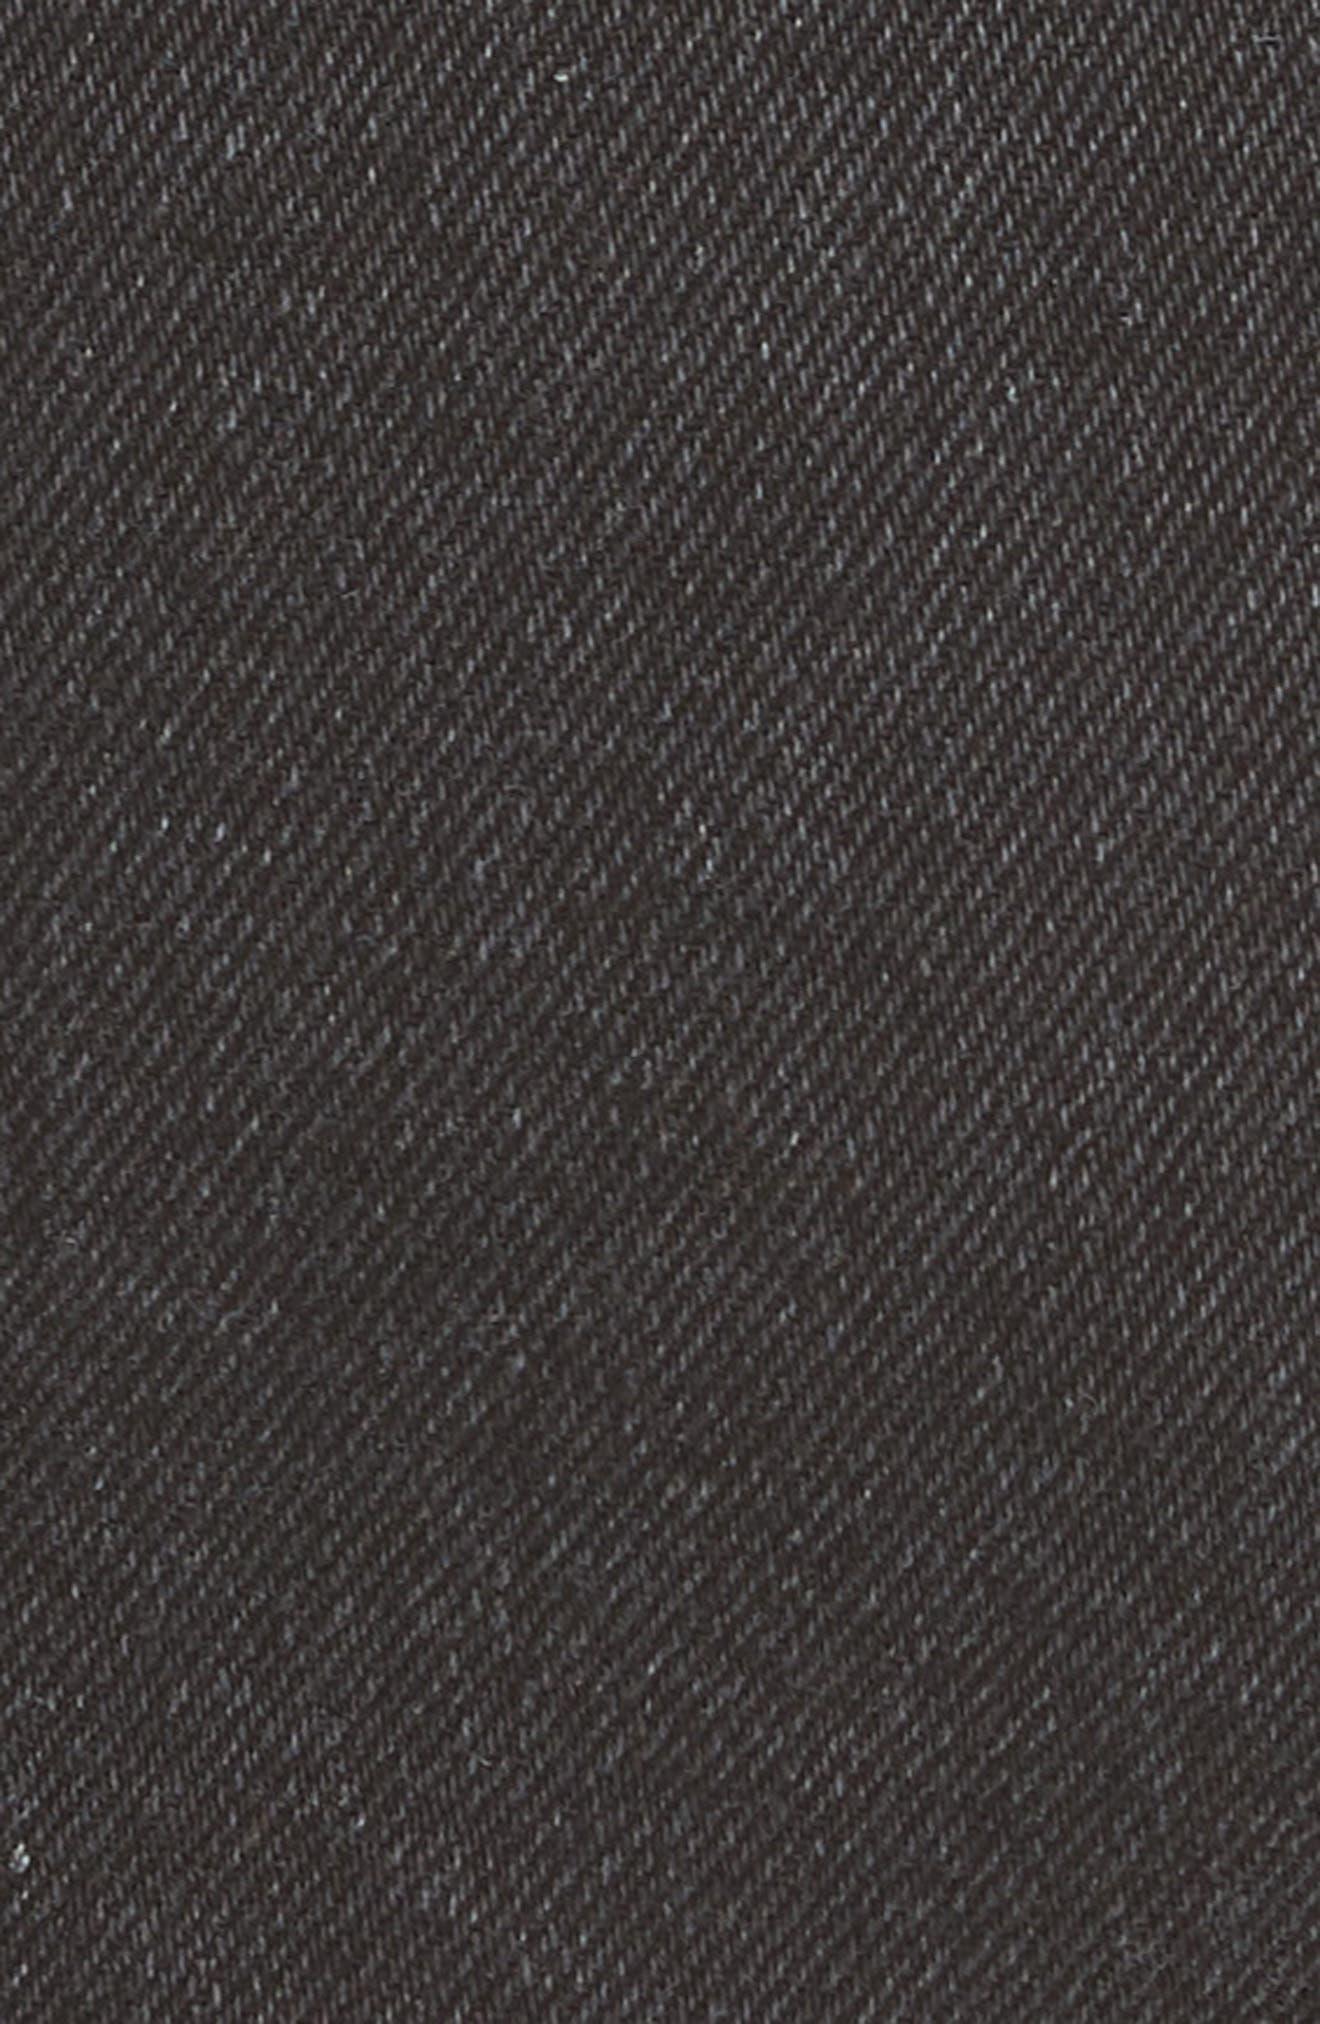 She's All That Denim Miniskirt,                             Alternate thumbnail 5, color,                             Black